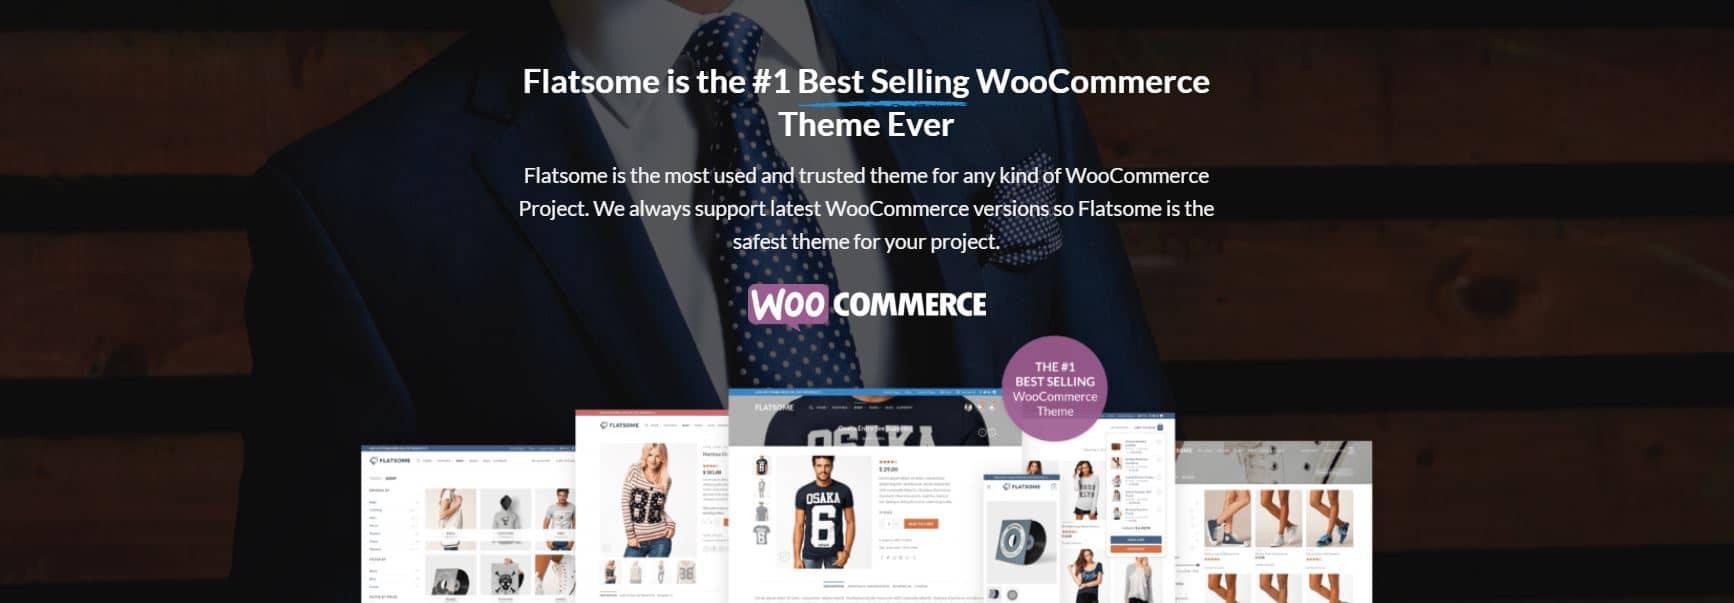 Flatsome-WooCommerce